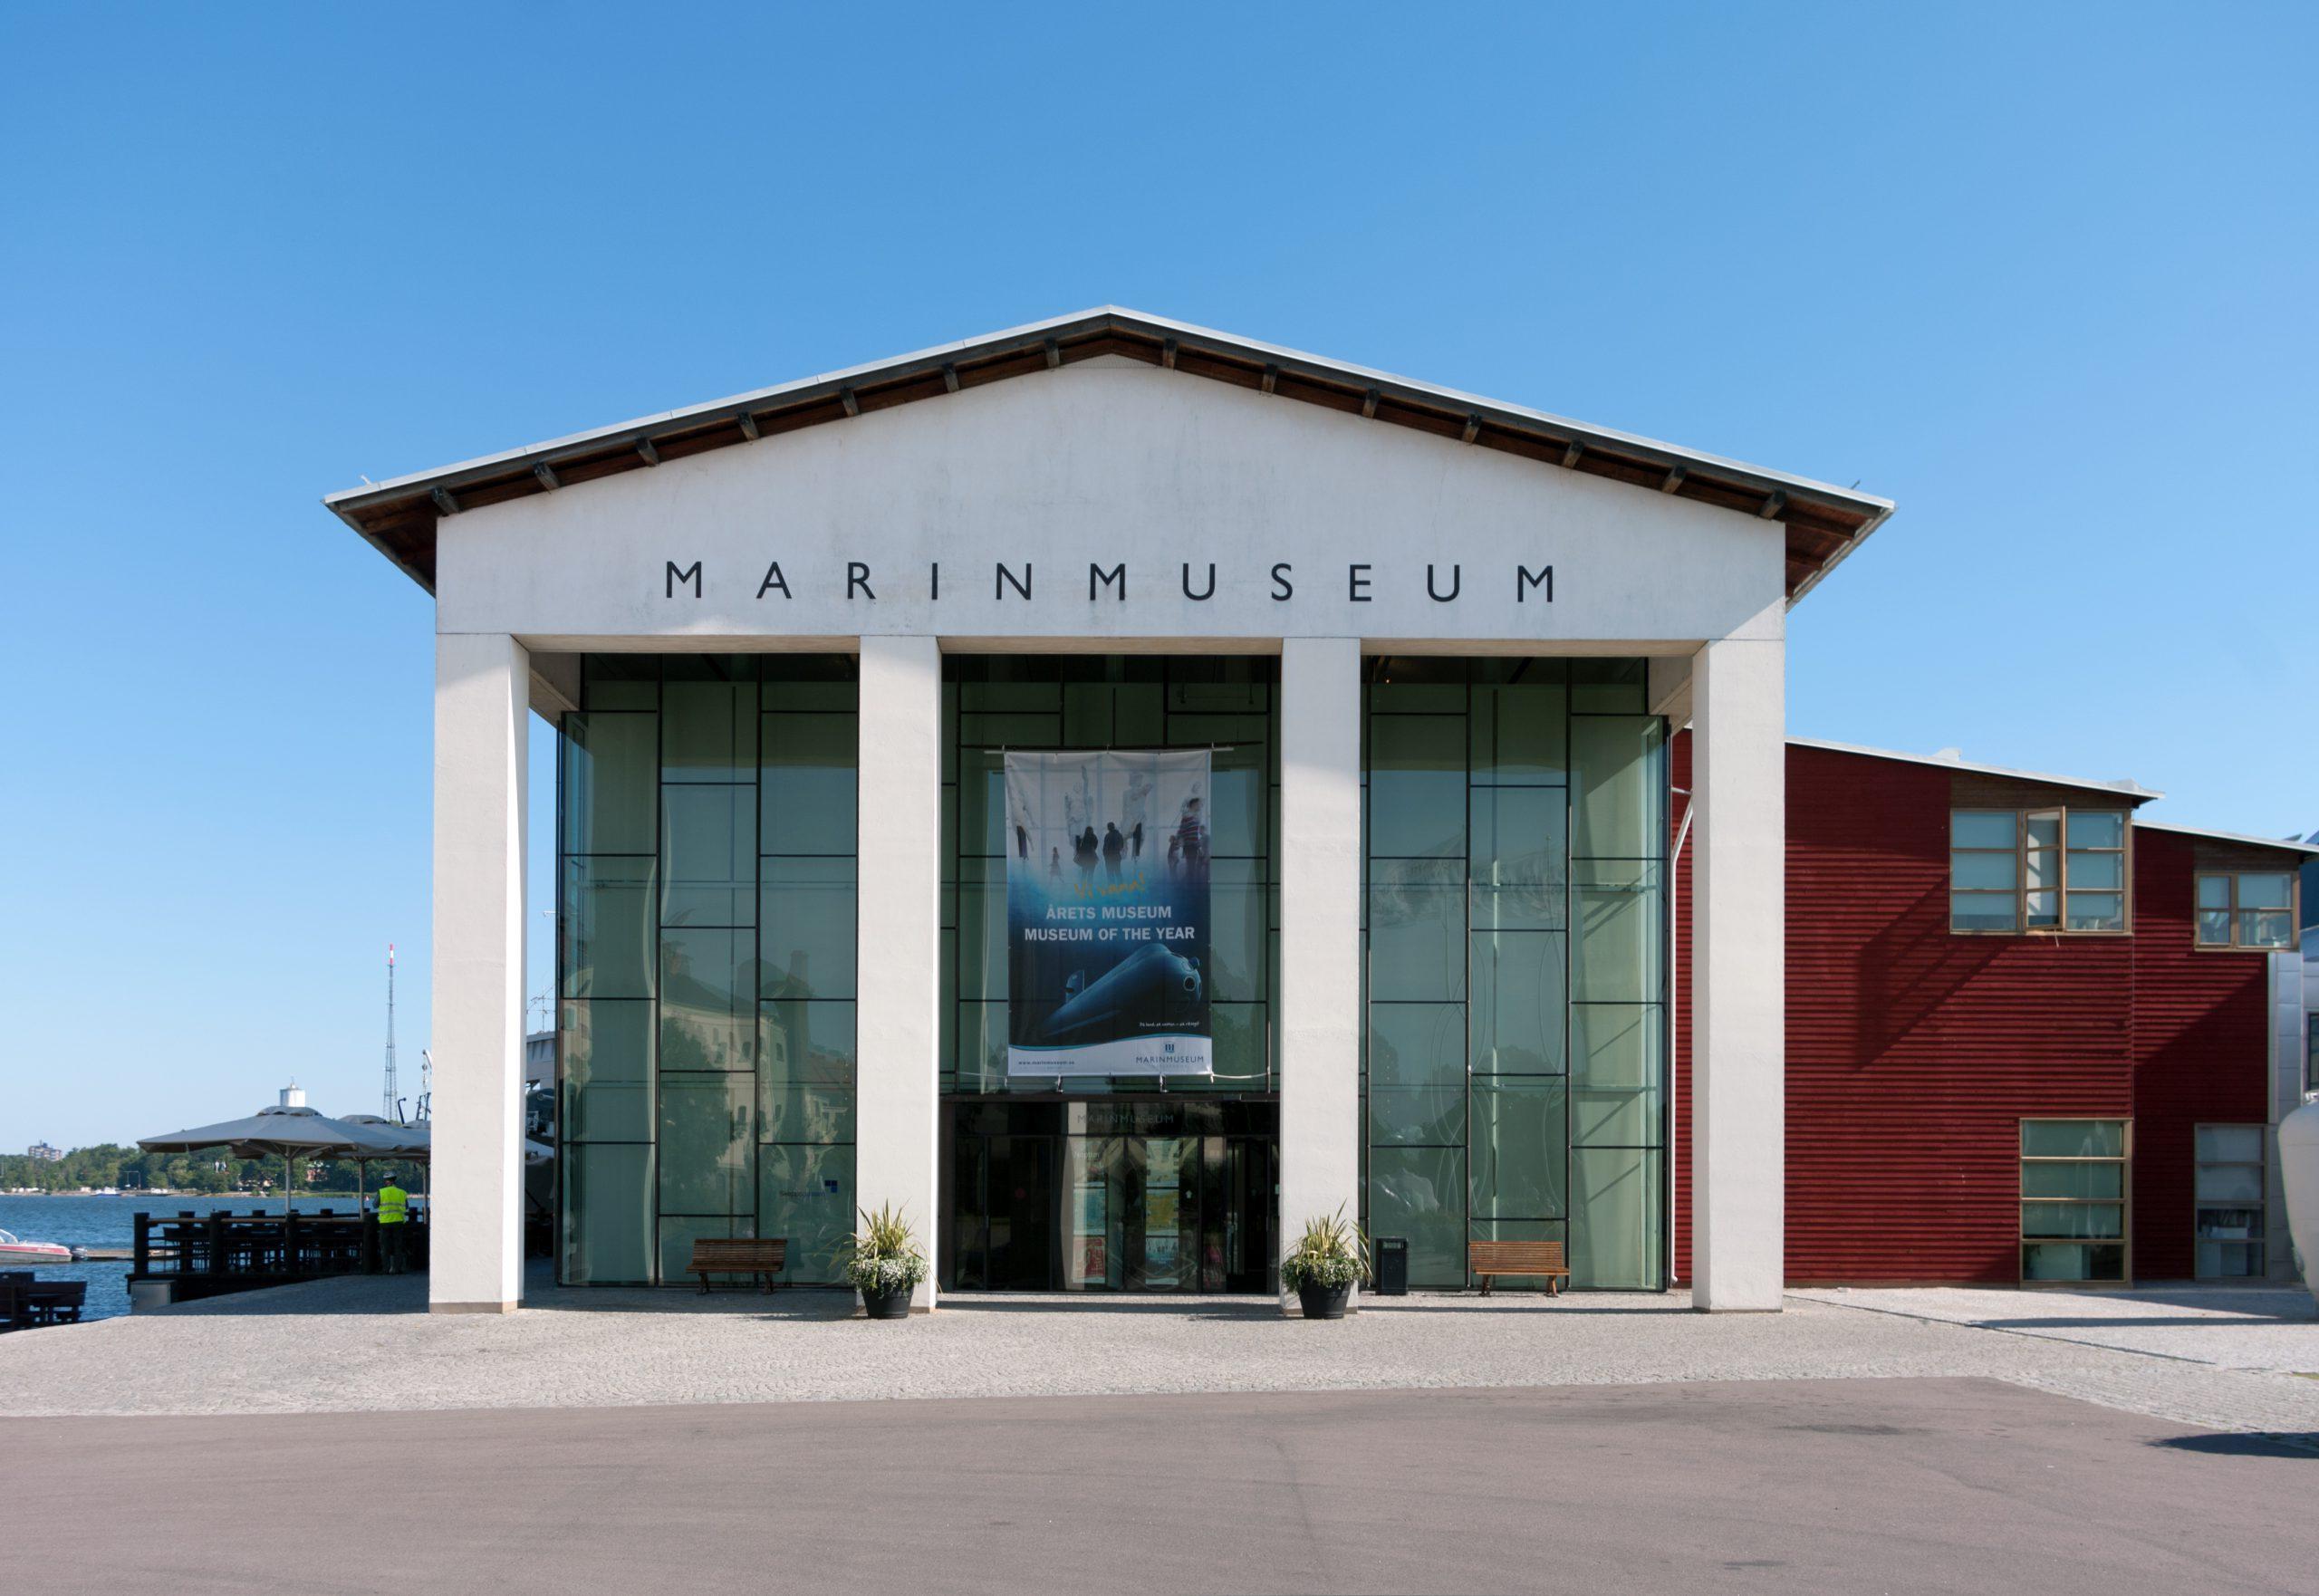 länkar museum marinmuseum kna